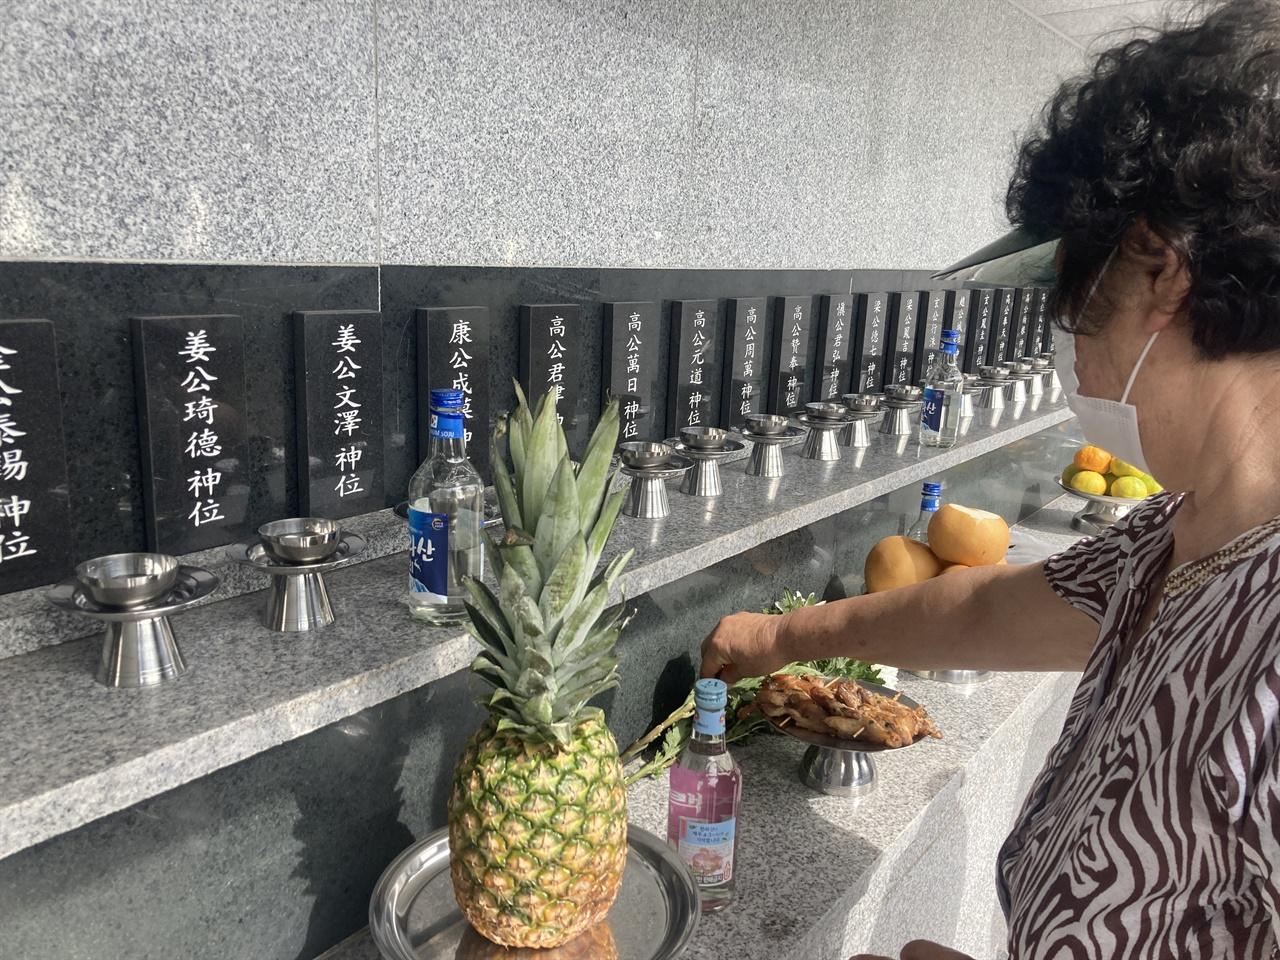 헌화하는 삼면원혼 유족 공식 위령제가 끝난 후 유족이 희생자의 위패 앞에 헌화하고 있다.